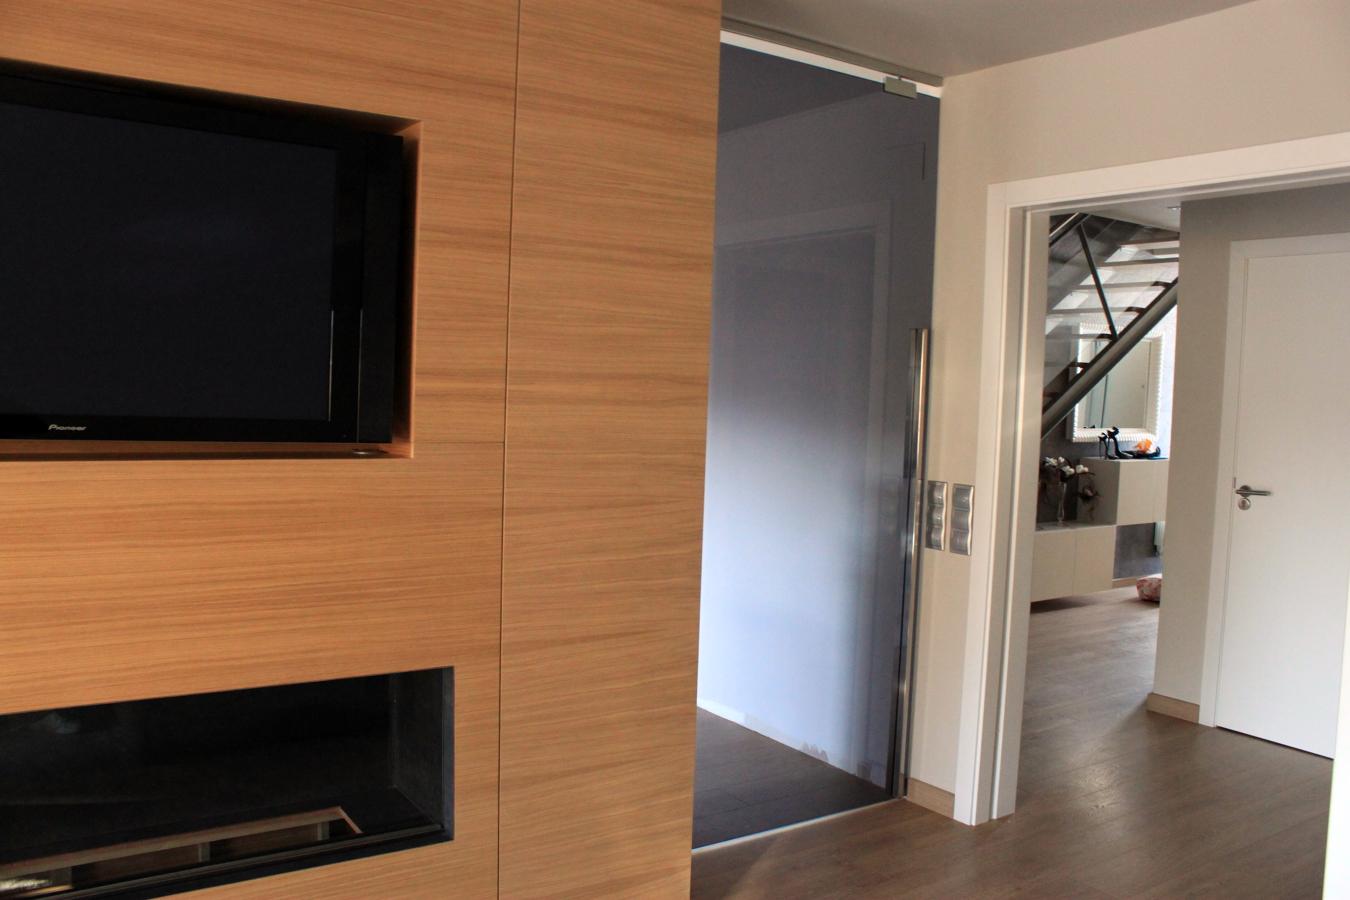 Puertas cristal en casa adosada ideas reformas cocinas for Puertas de cristal para casa